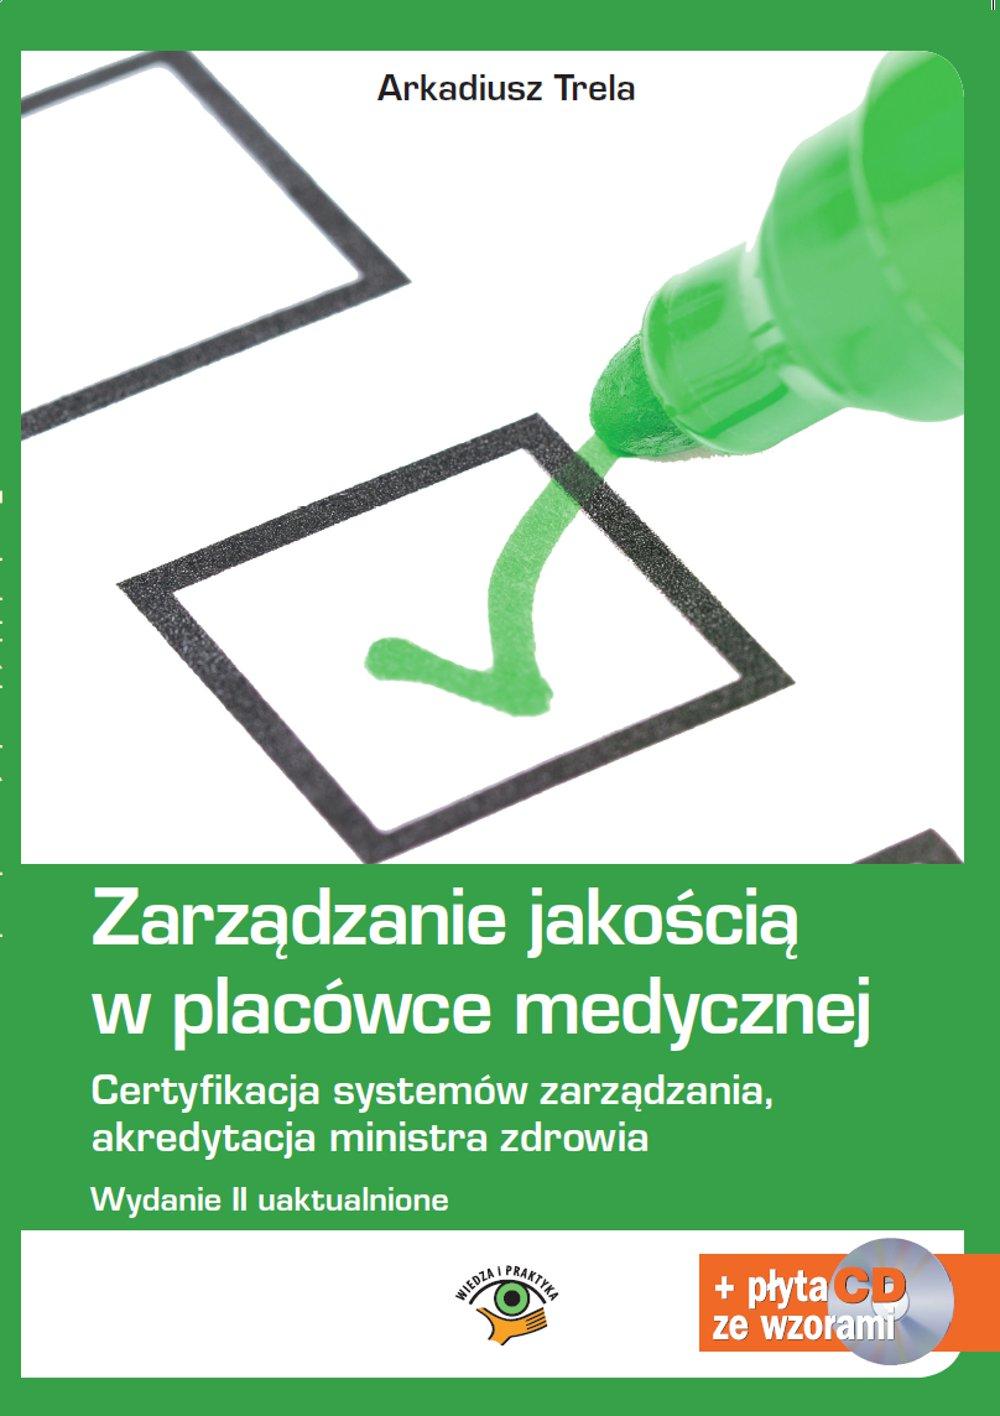 Zarządzanie jakością w placówce medycznej. Wydanie II - Ebook (Książka na Kindle) do pobrania w formacie MOBI